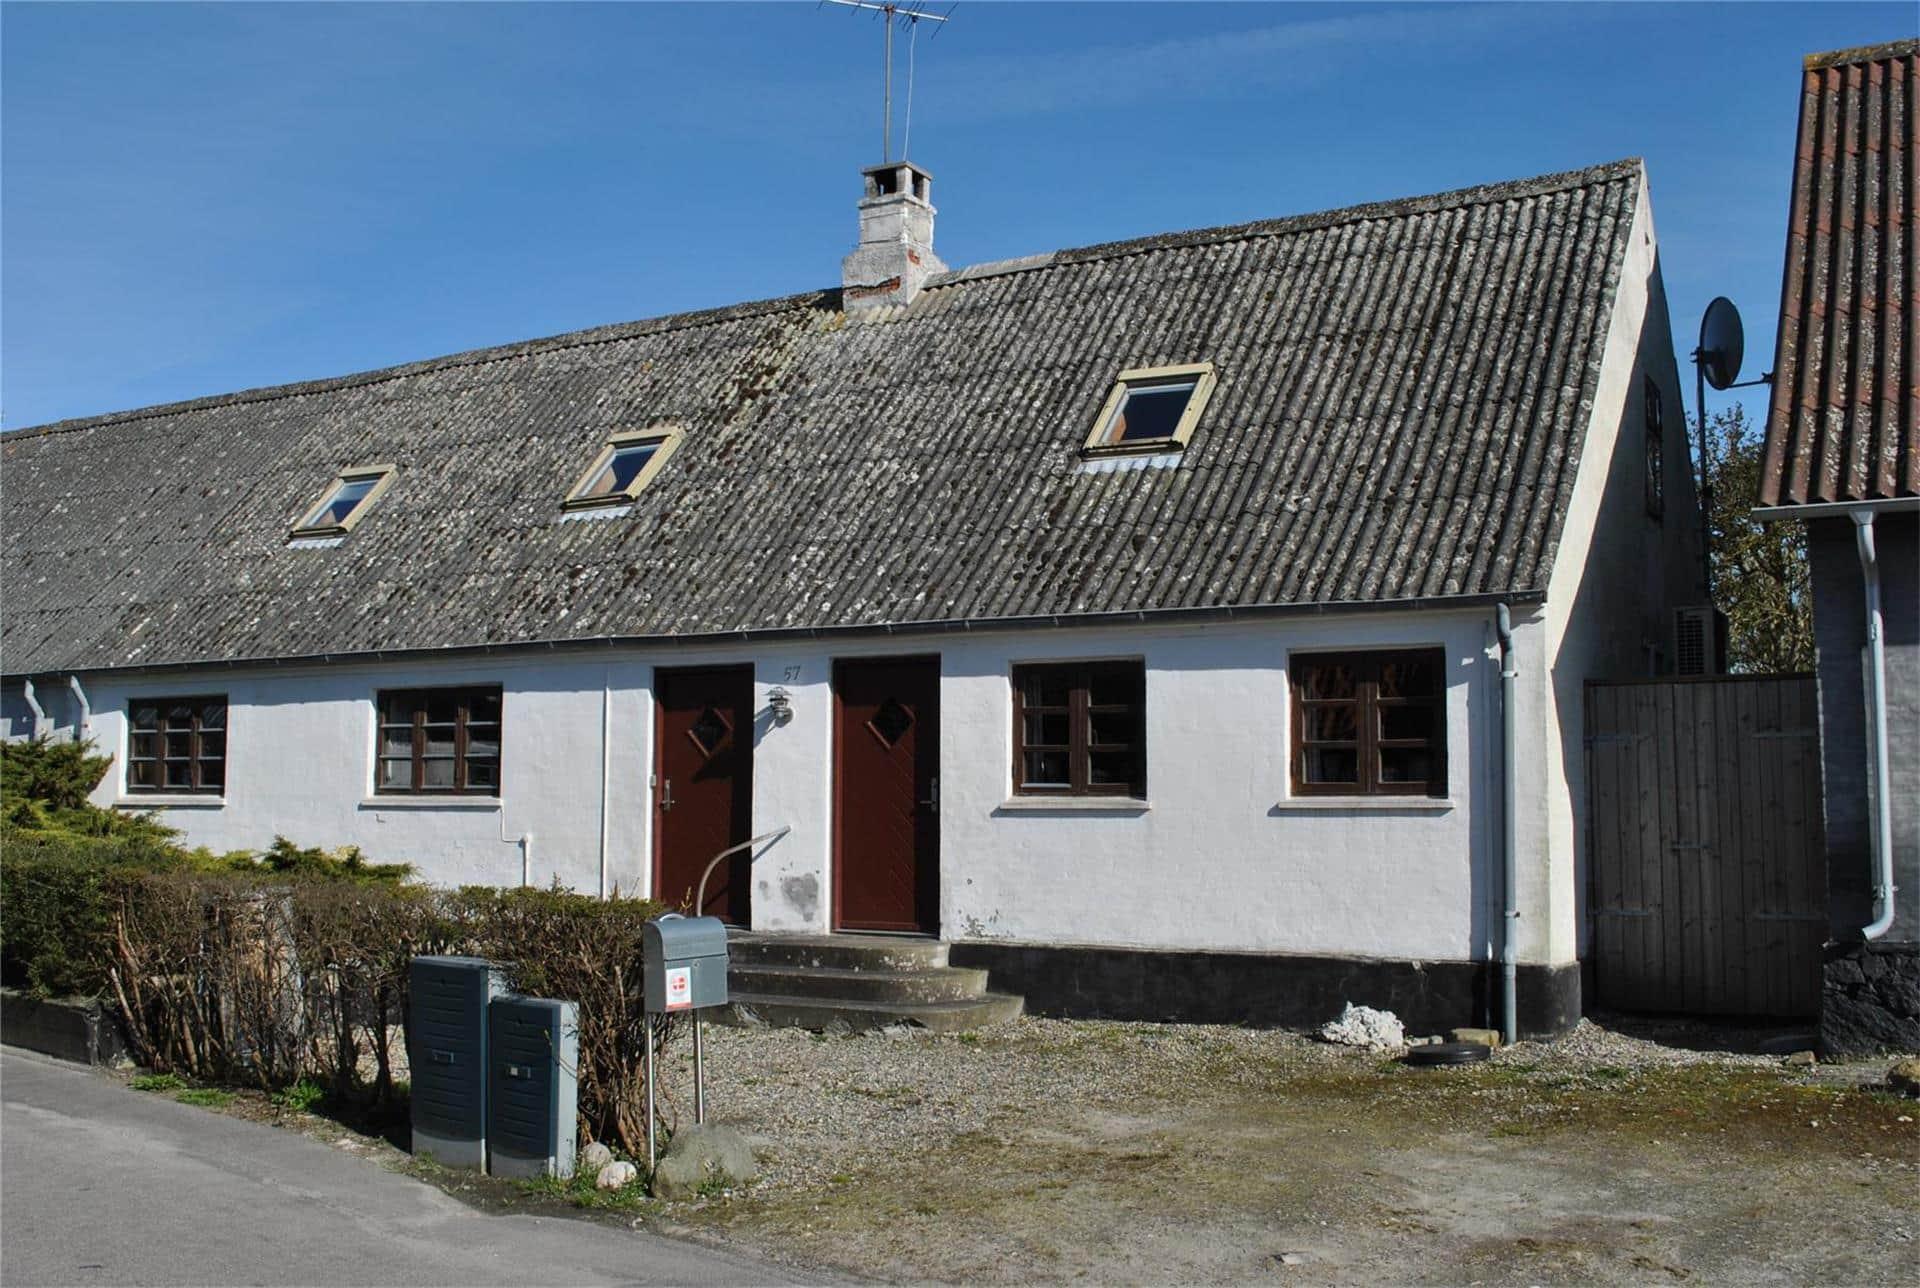 Billede 1-170 Sommerhus 20302, Ørby Hovedgade 57, DK - 8305 Samsø